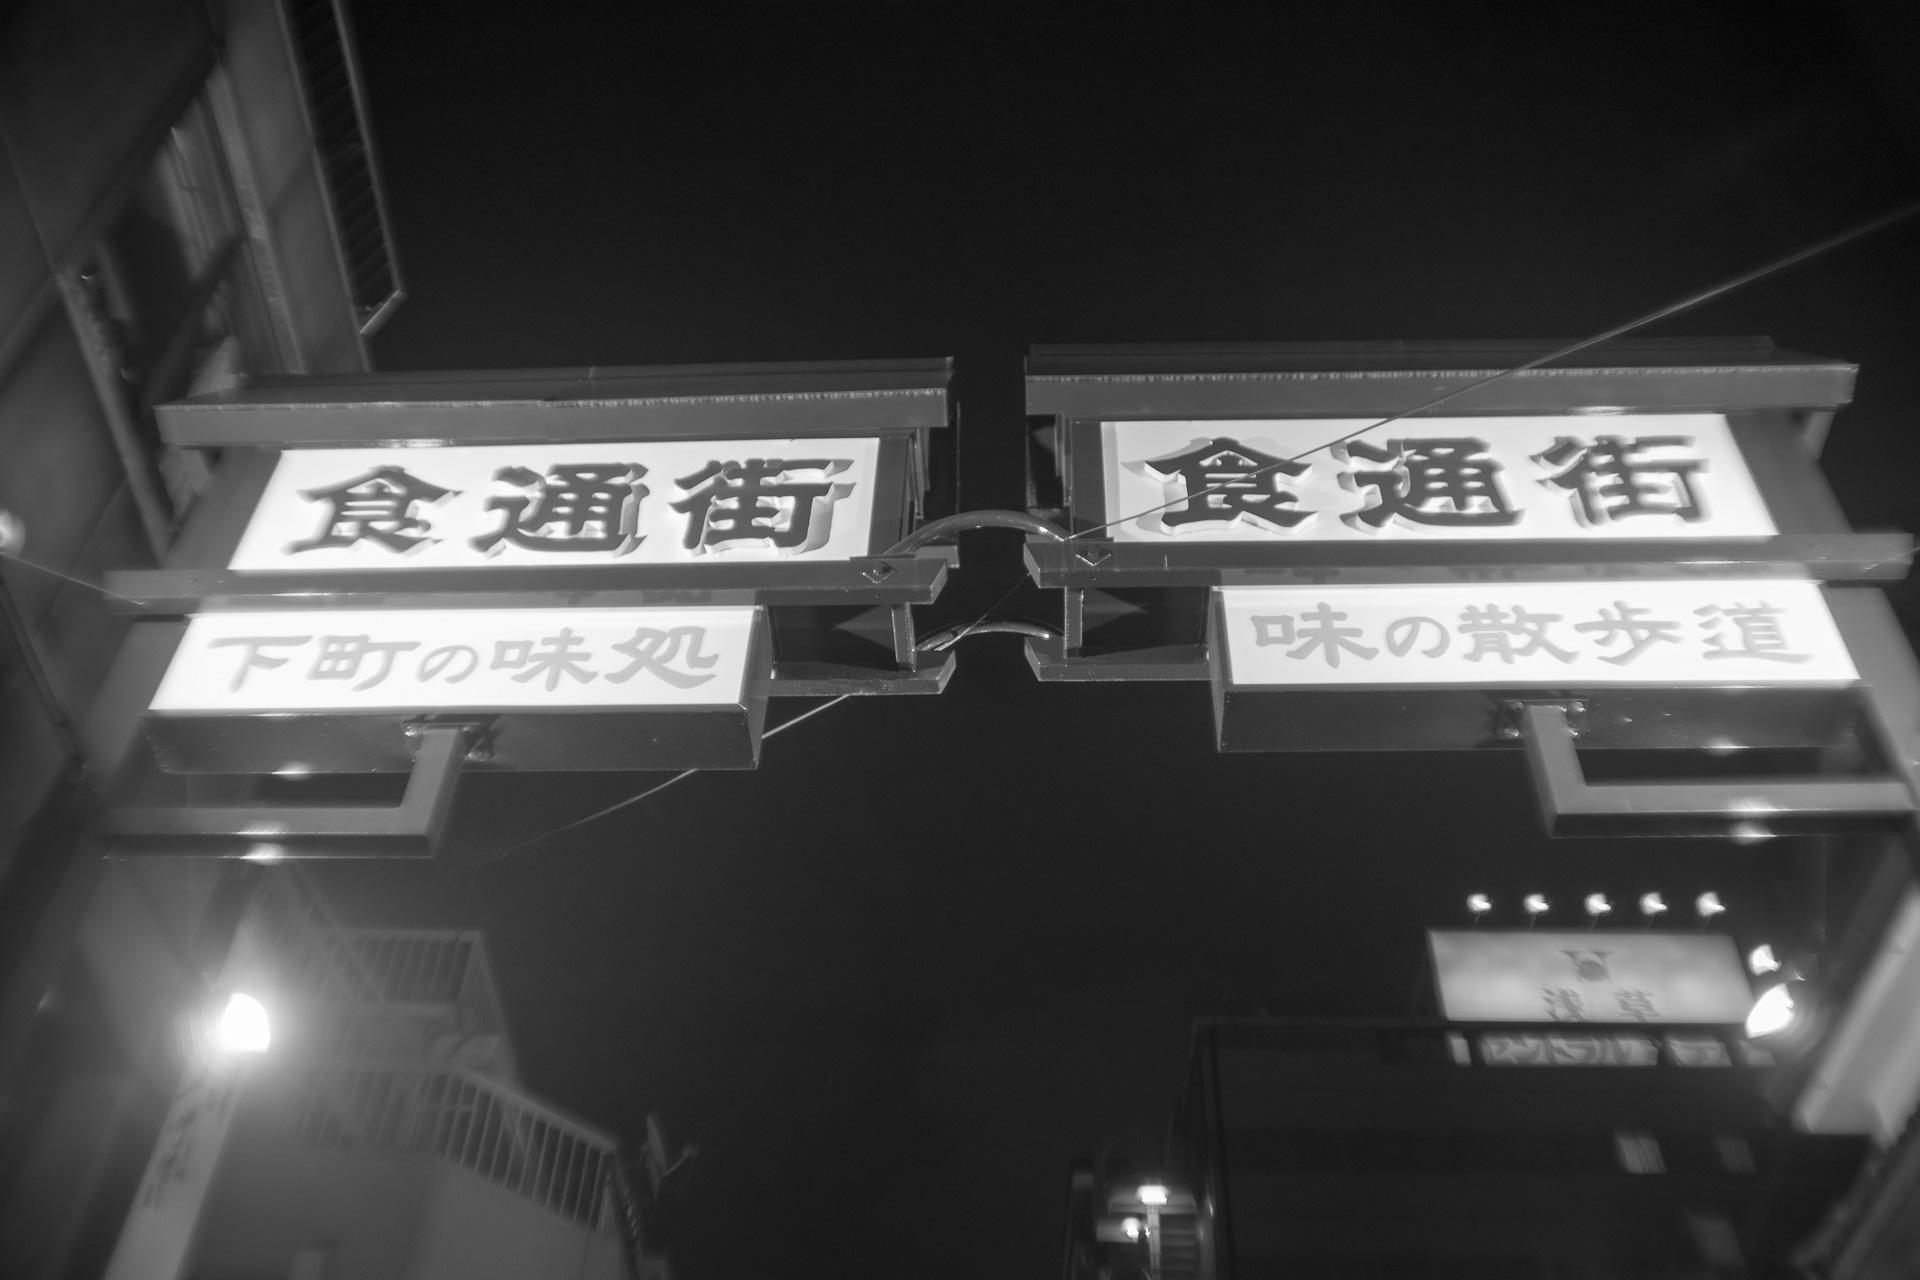 浅草 食通街 SONY α7, New Nikkor 35mm F2